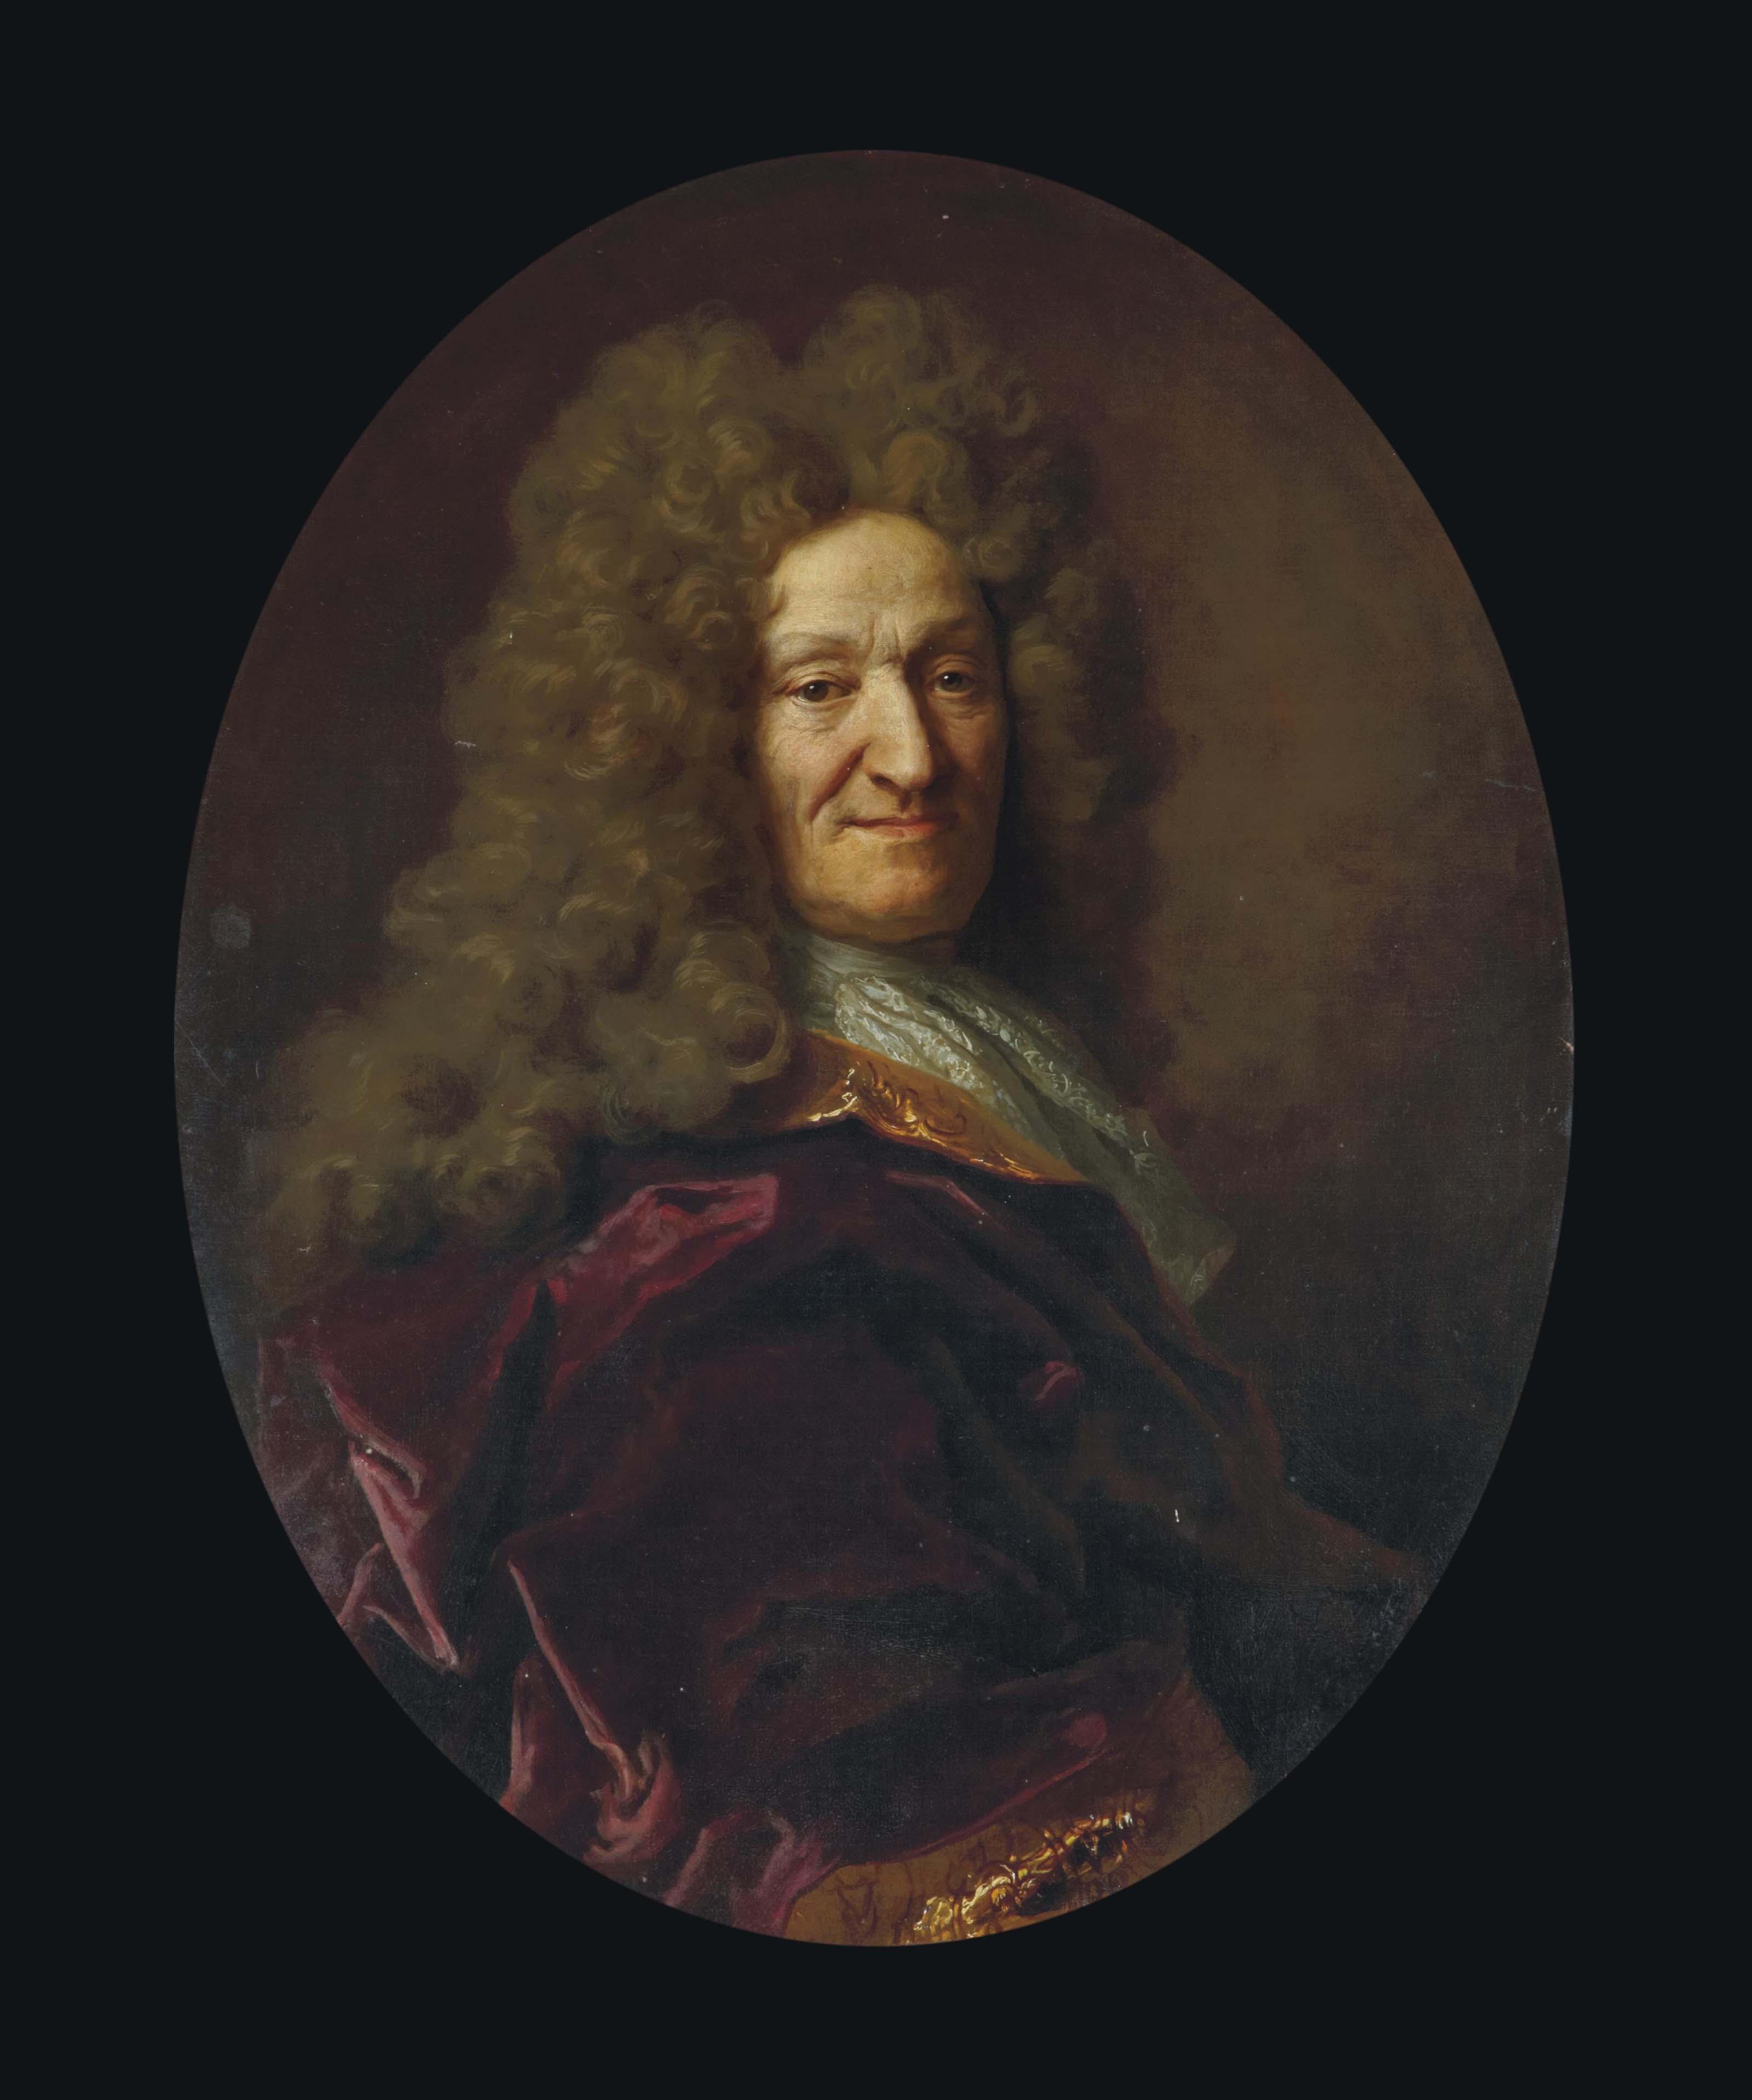 Portrait de Jean de La Fontaine, âgé de 73 ans